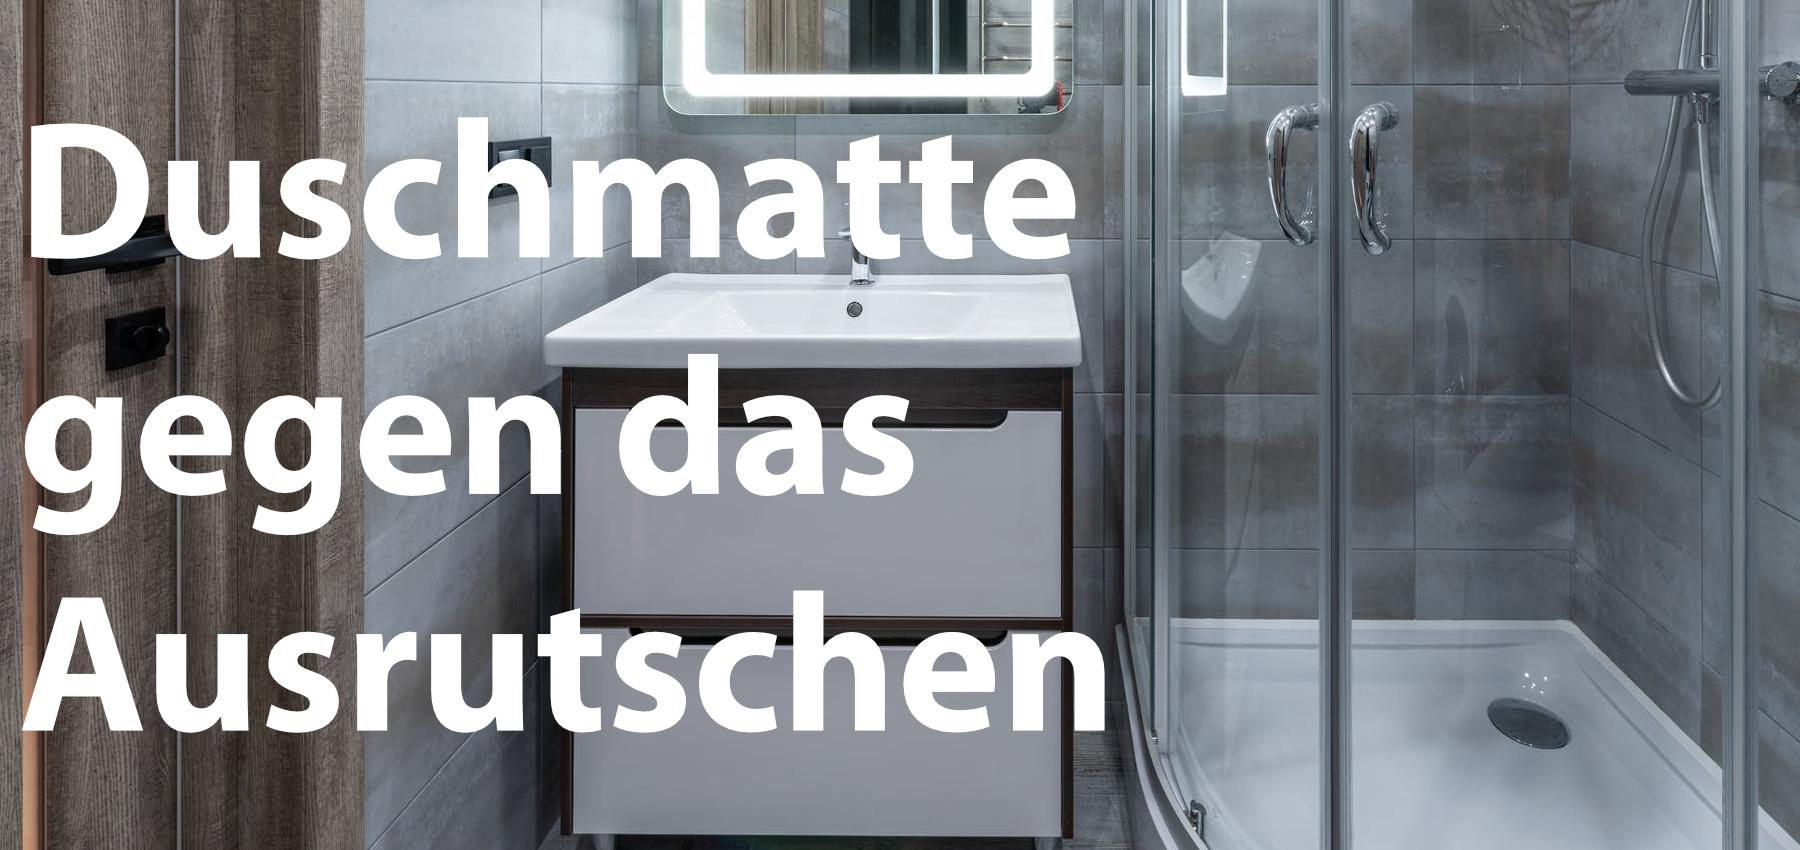 Jetzt eine Antirutschmatte für die Dusche, Duschmatten für die Badewanne oder Anti-Rutsch Streifen zum Aufkleben für Dusche, Wanne, Bad-Fußboden, etc. kaufen. Unsere Auswahl kann mit Prime-Versand bestellt werden. Duschmatten Amazon